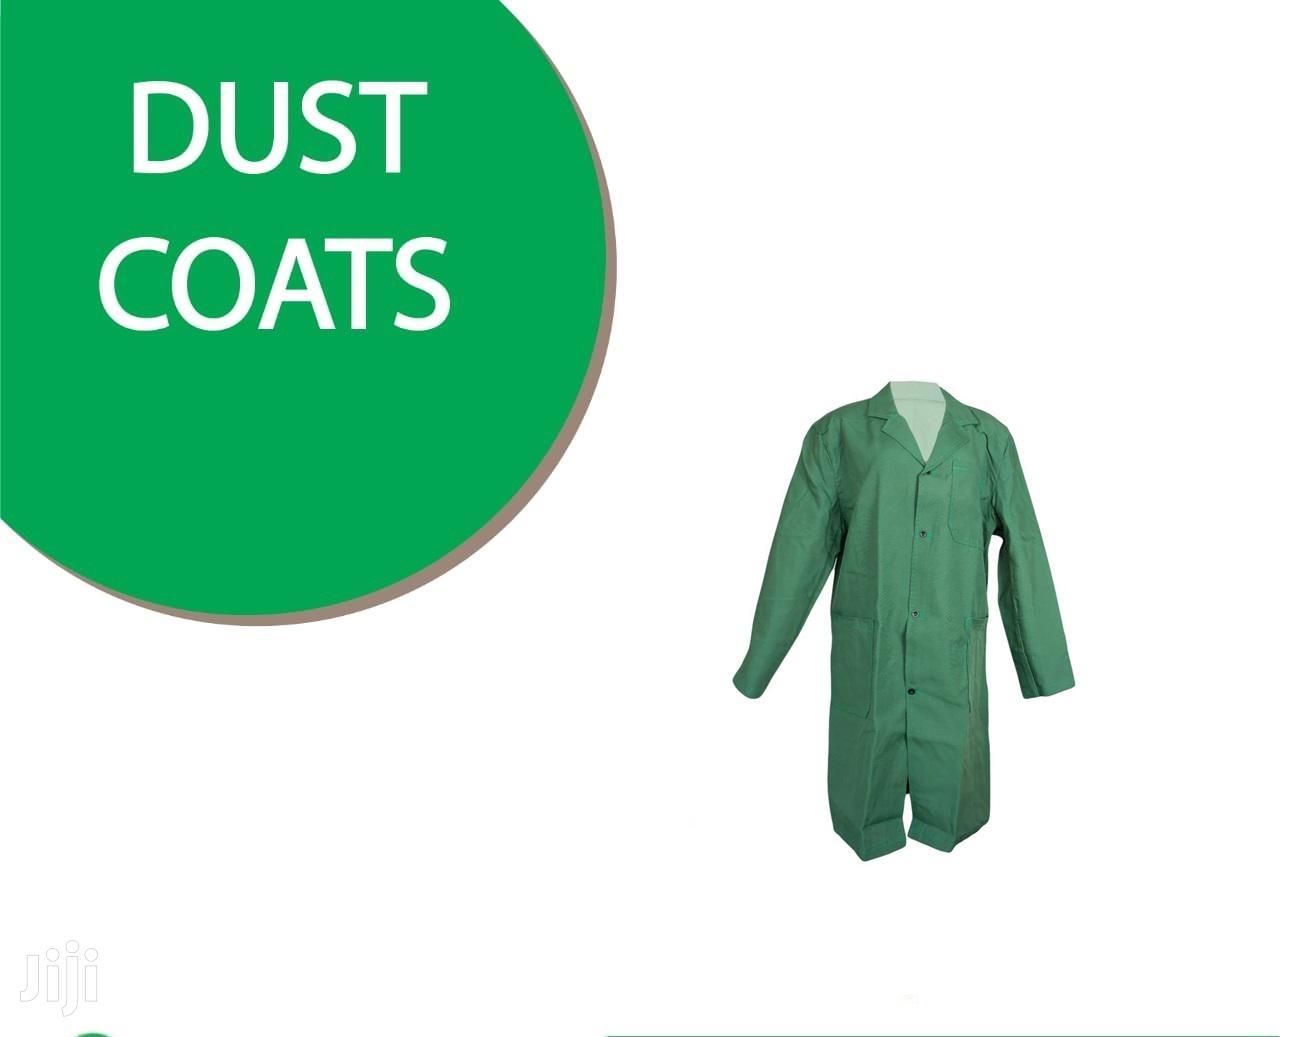 Dust Coats - We Also Do Dust Coat Branding